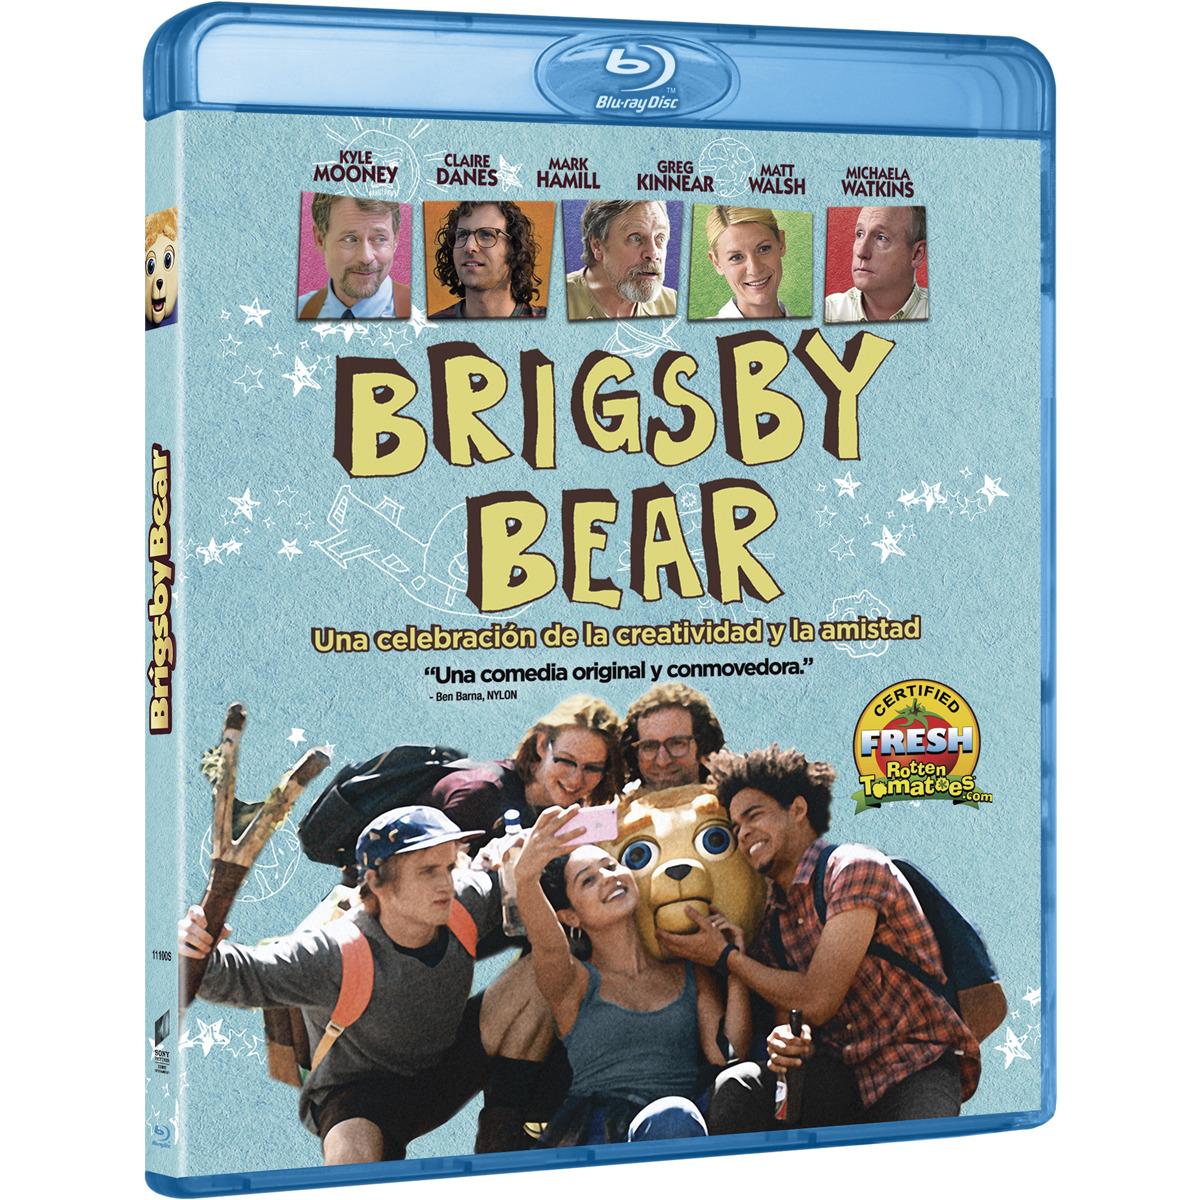 Brygsby Bear